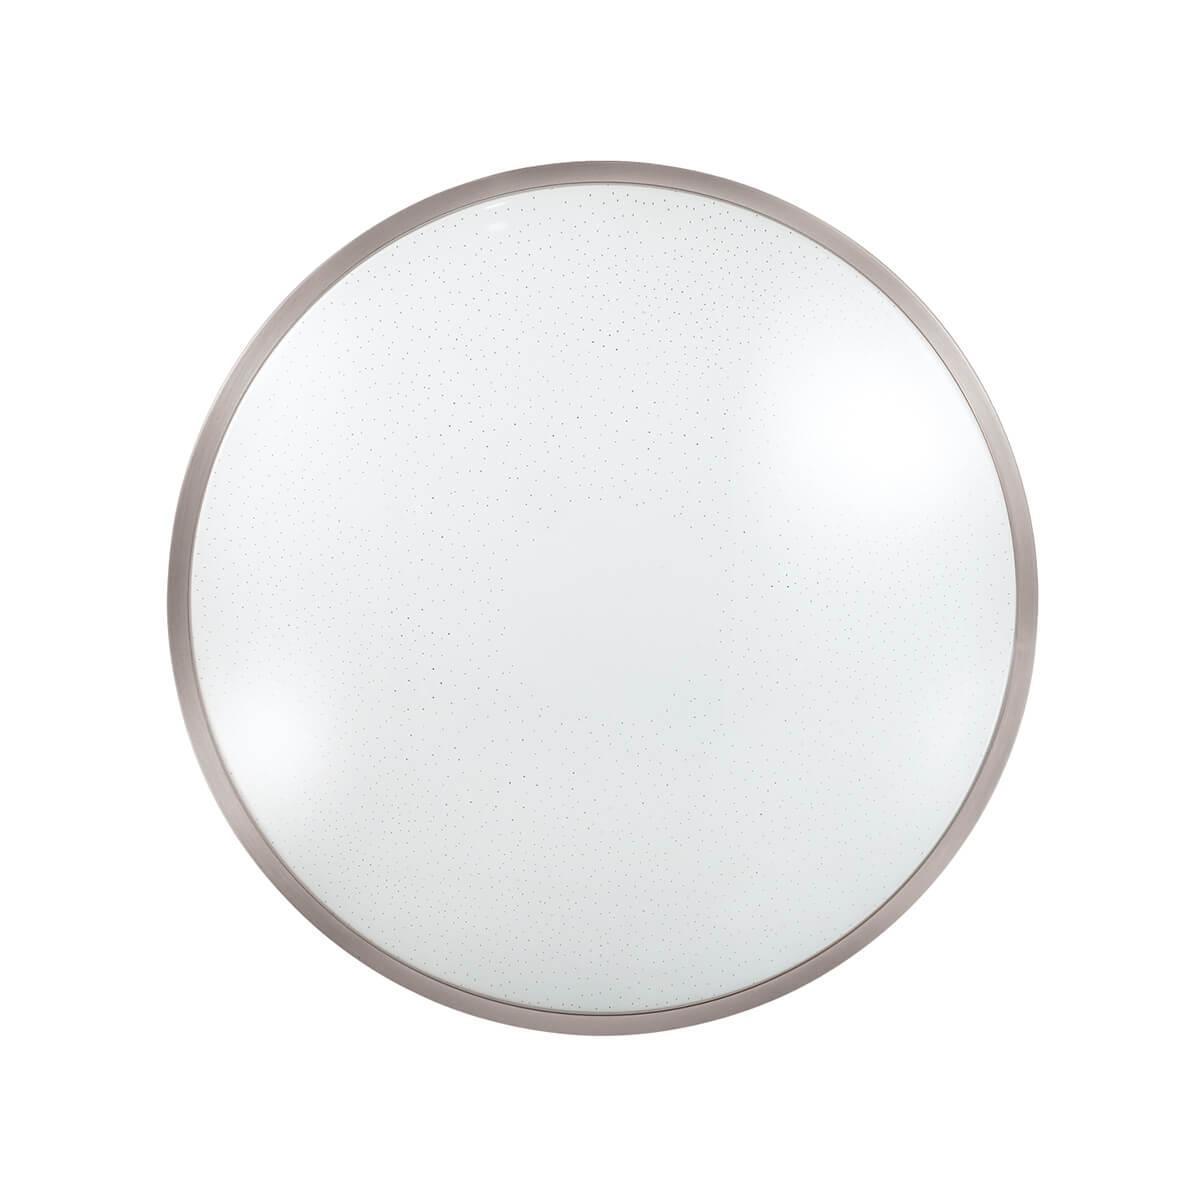 Светильник Sonex 2088/DL светильник sonex 3012 dl